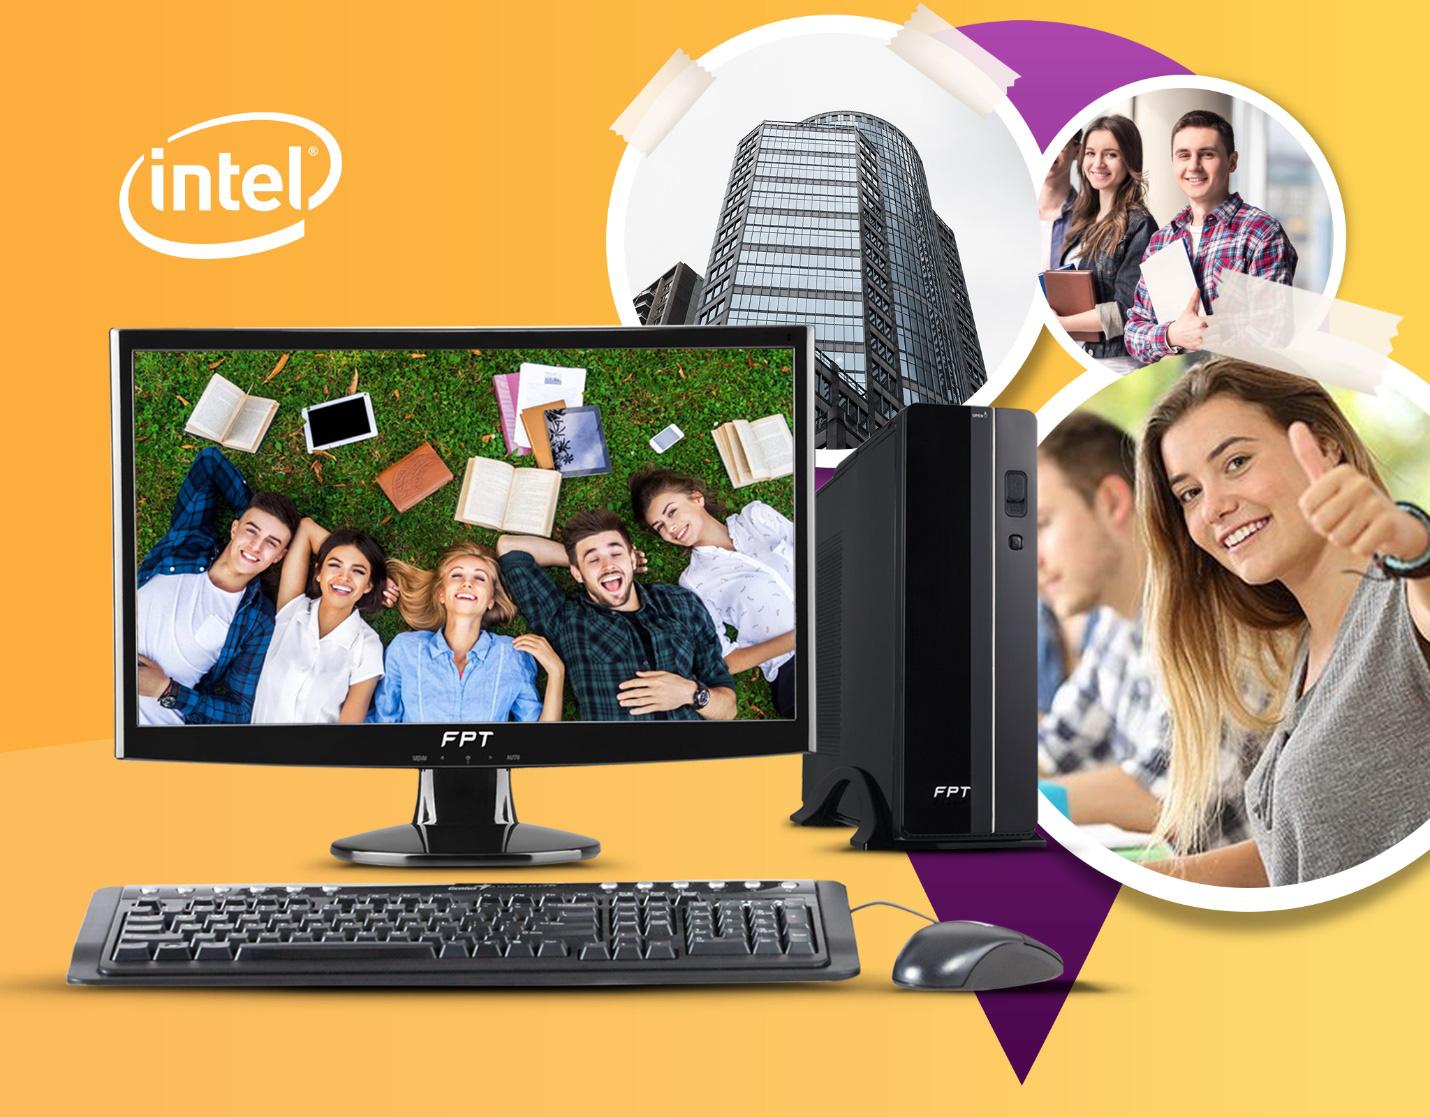 Top 5 máy tính FPT Elead chip Intel hút hàng trong mùa tựu trường - Ảnh 4.